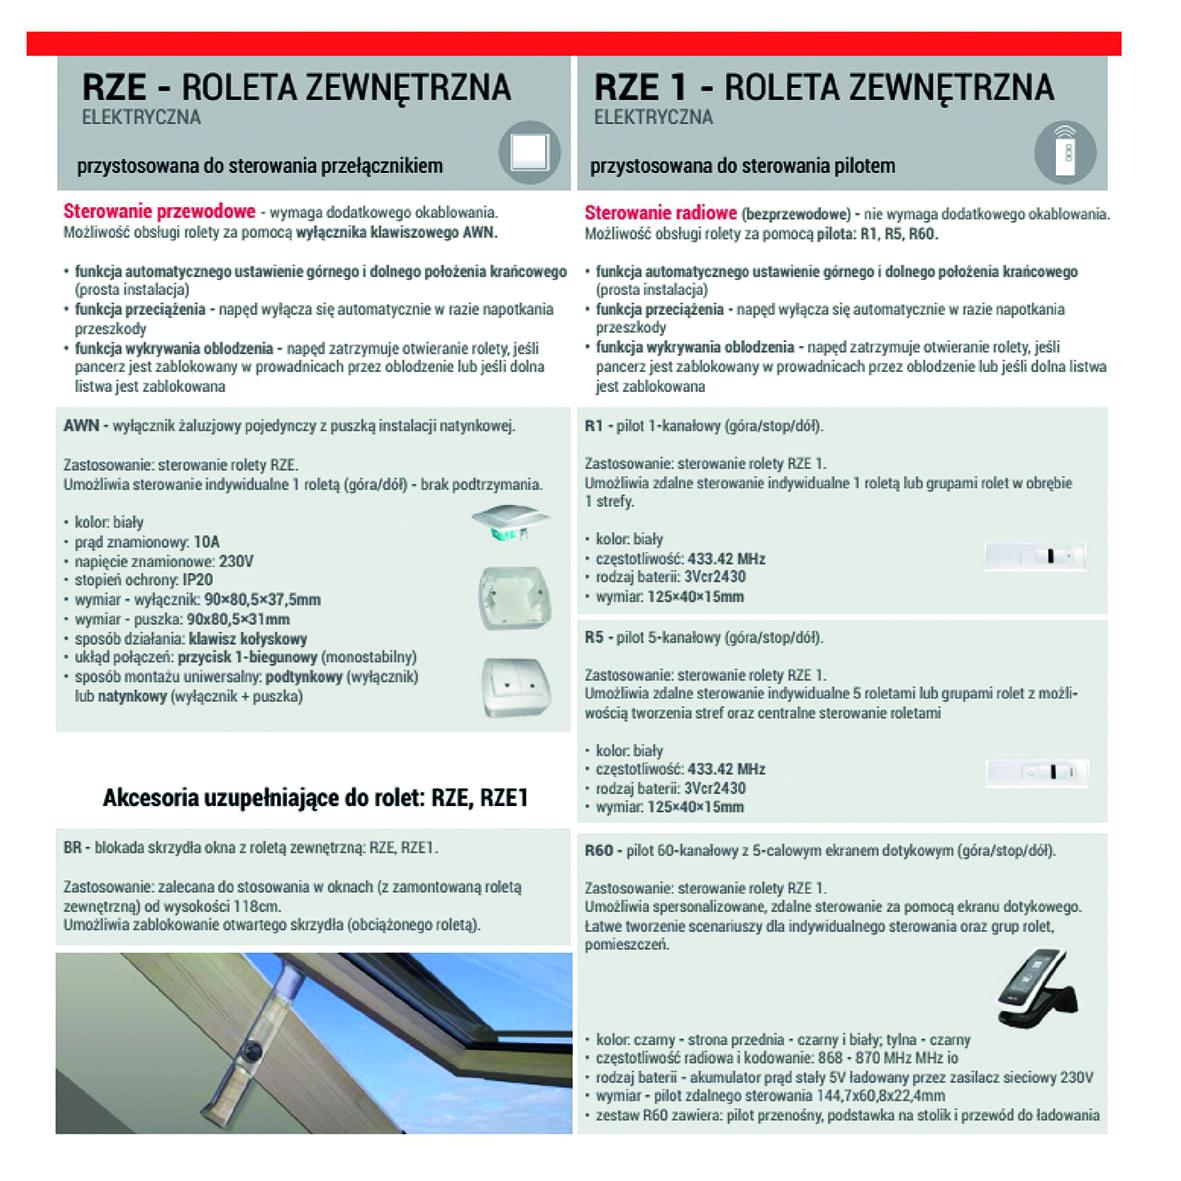 Roleta-zewnetrzna1 Roleta zewnętrzna RZE / RZE 1